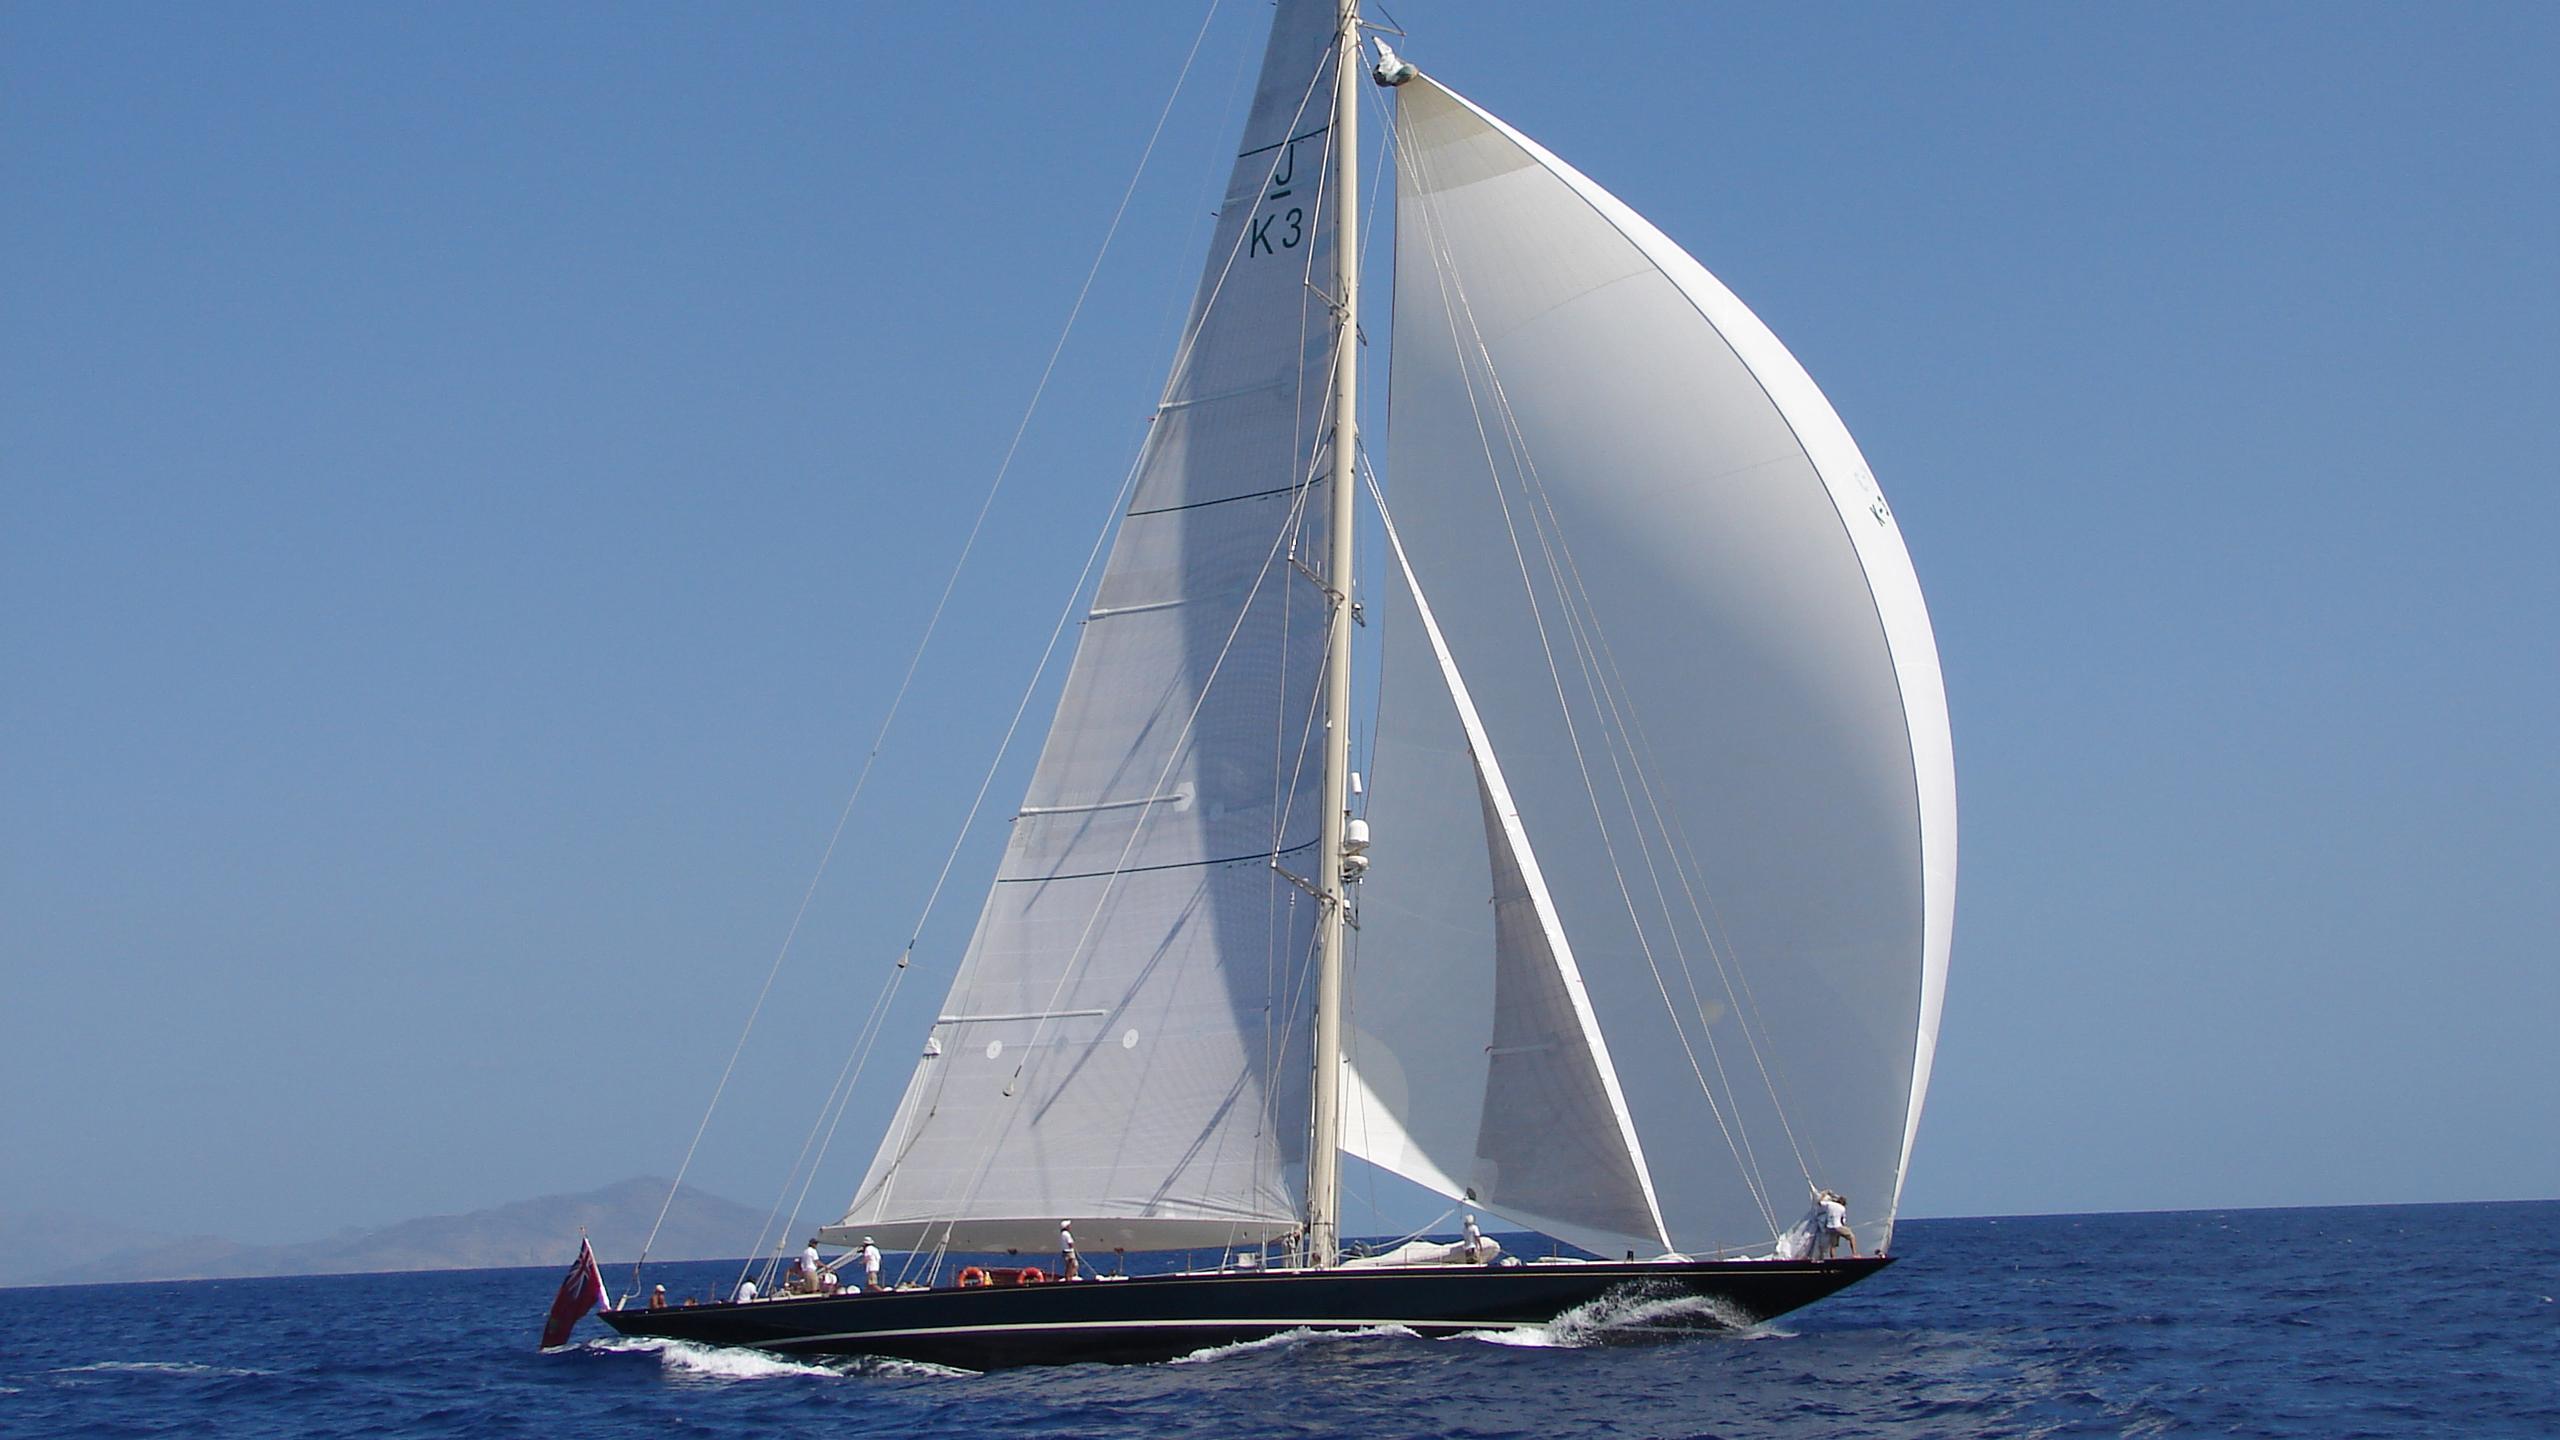 shamrock-v-yacht